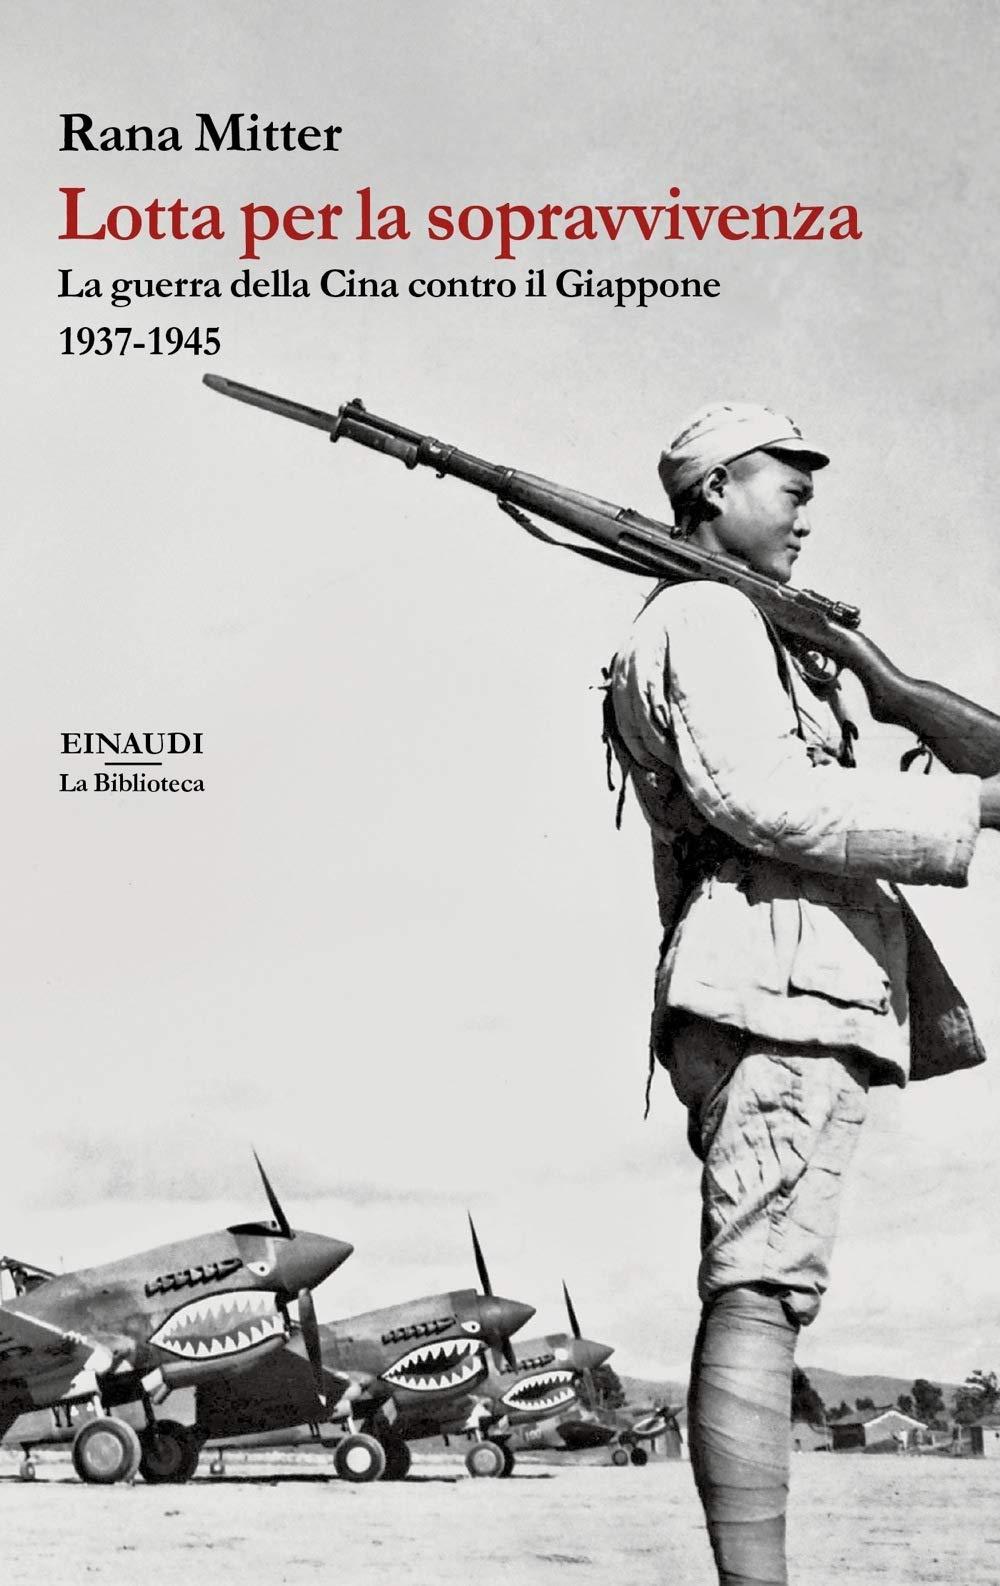 Lotta per la sopravvivenza. La guerra della Cina contro il Giappone 1937-1945